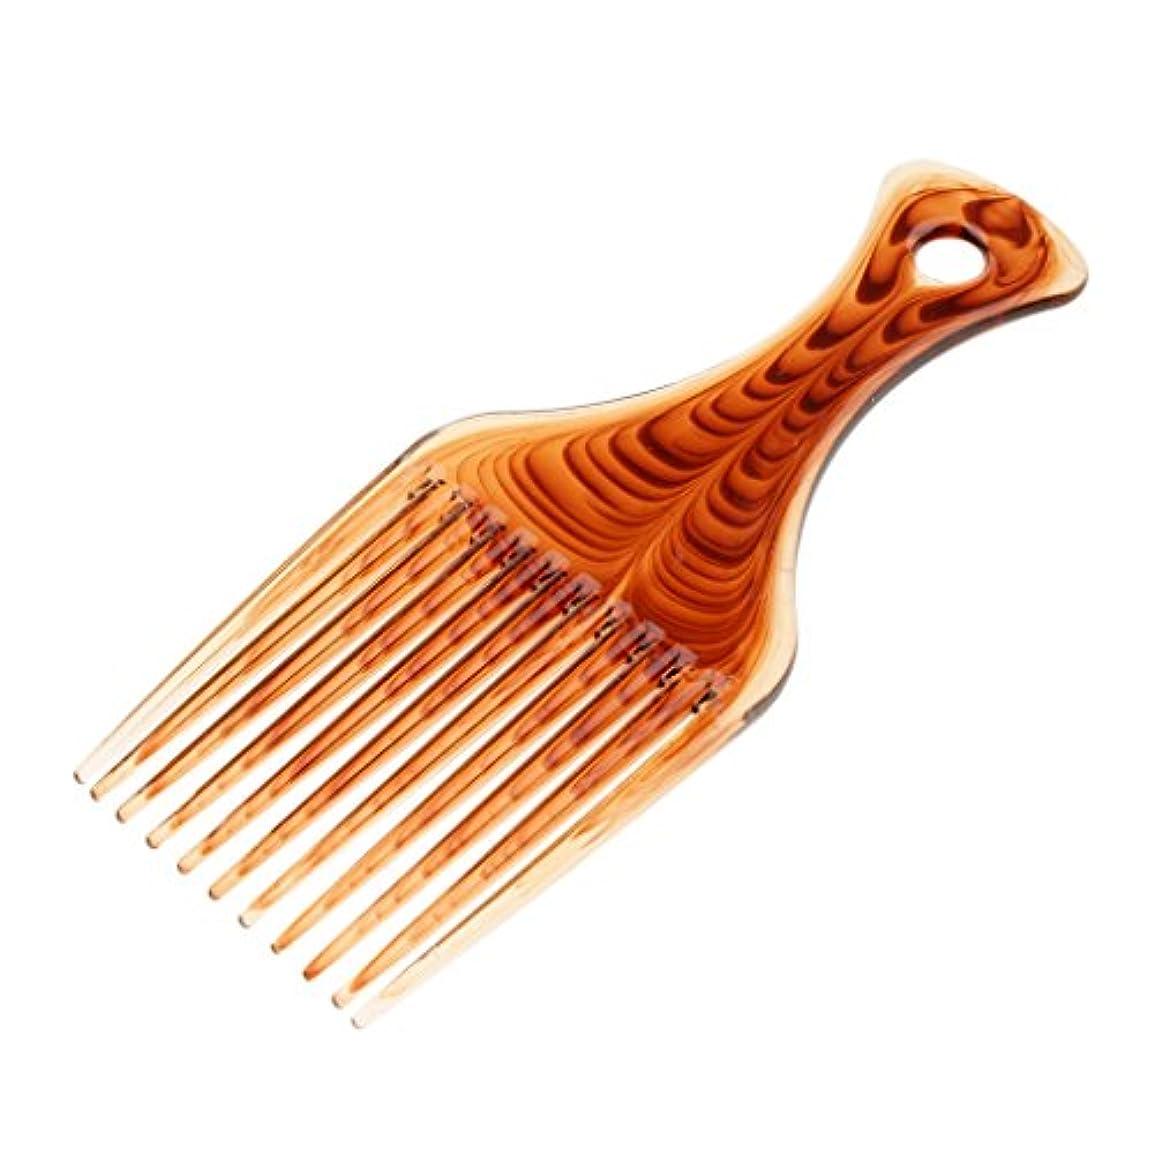 チャレンジスタジアム早いヘアブラシ ヘアコーム プラスチック ヘアピックコーム かつら編組 髪の櫛 スタイリング